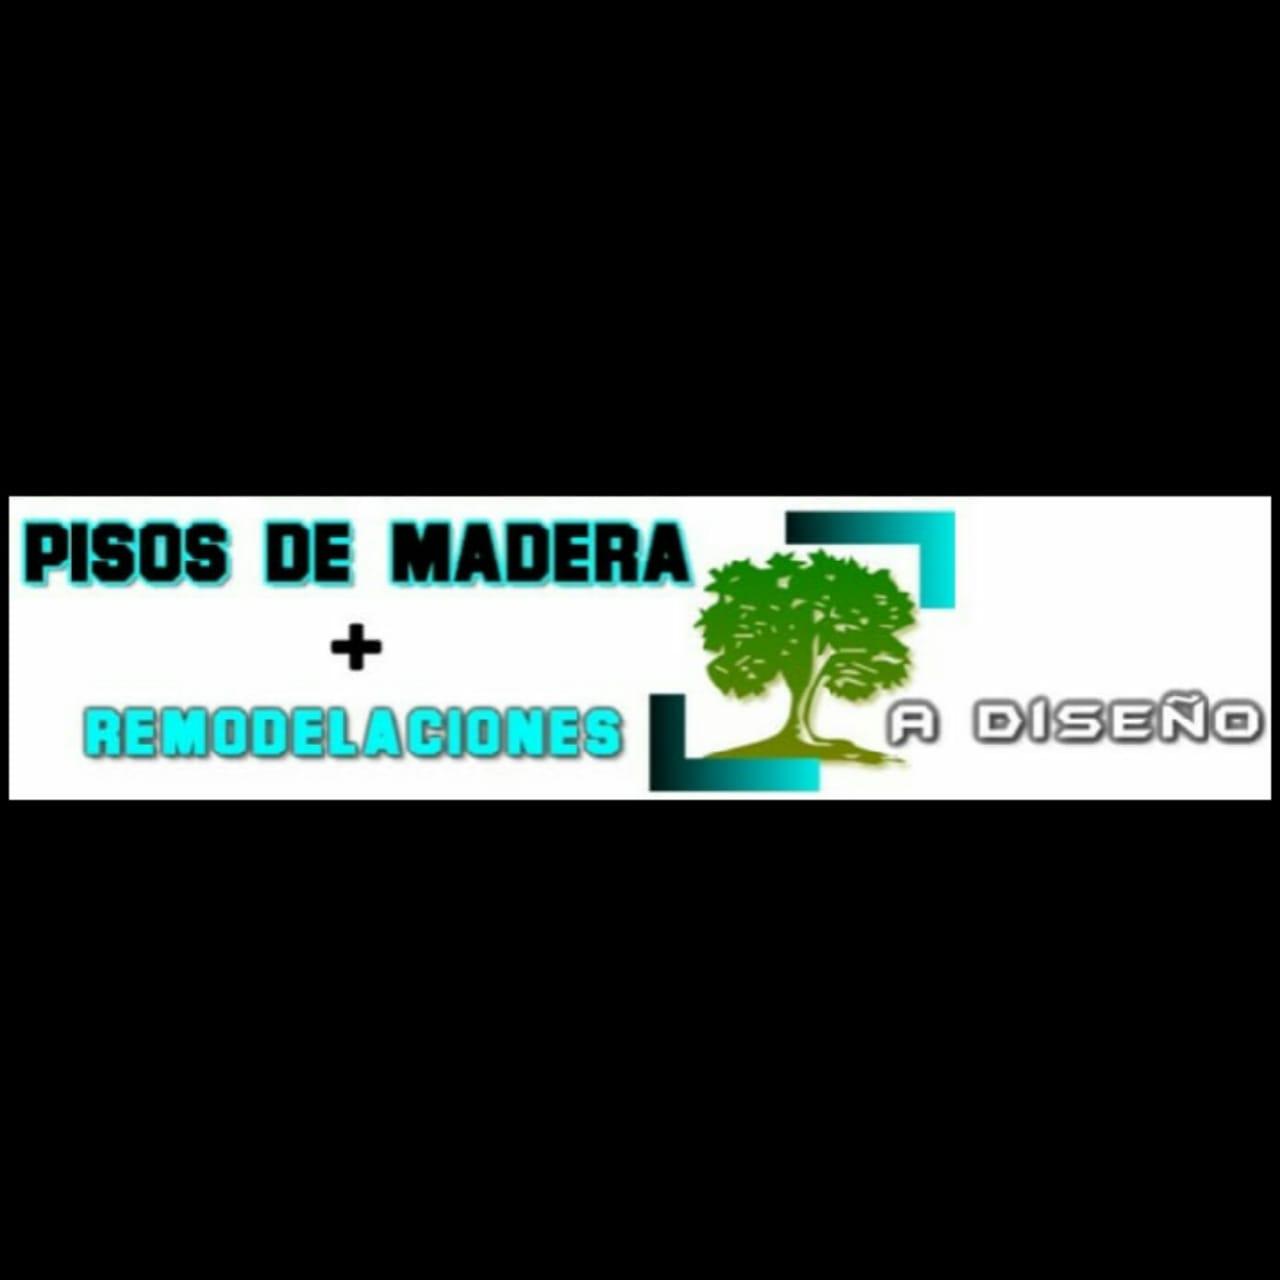 Pisos De Madera + Remodelaciones = A Diseño